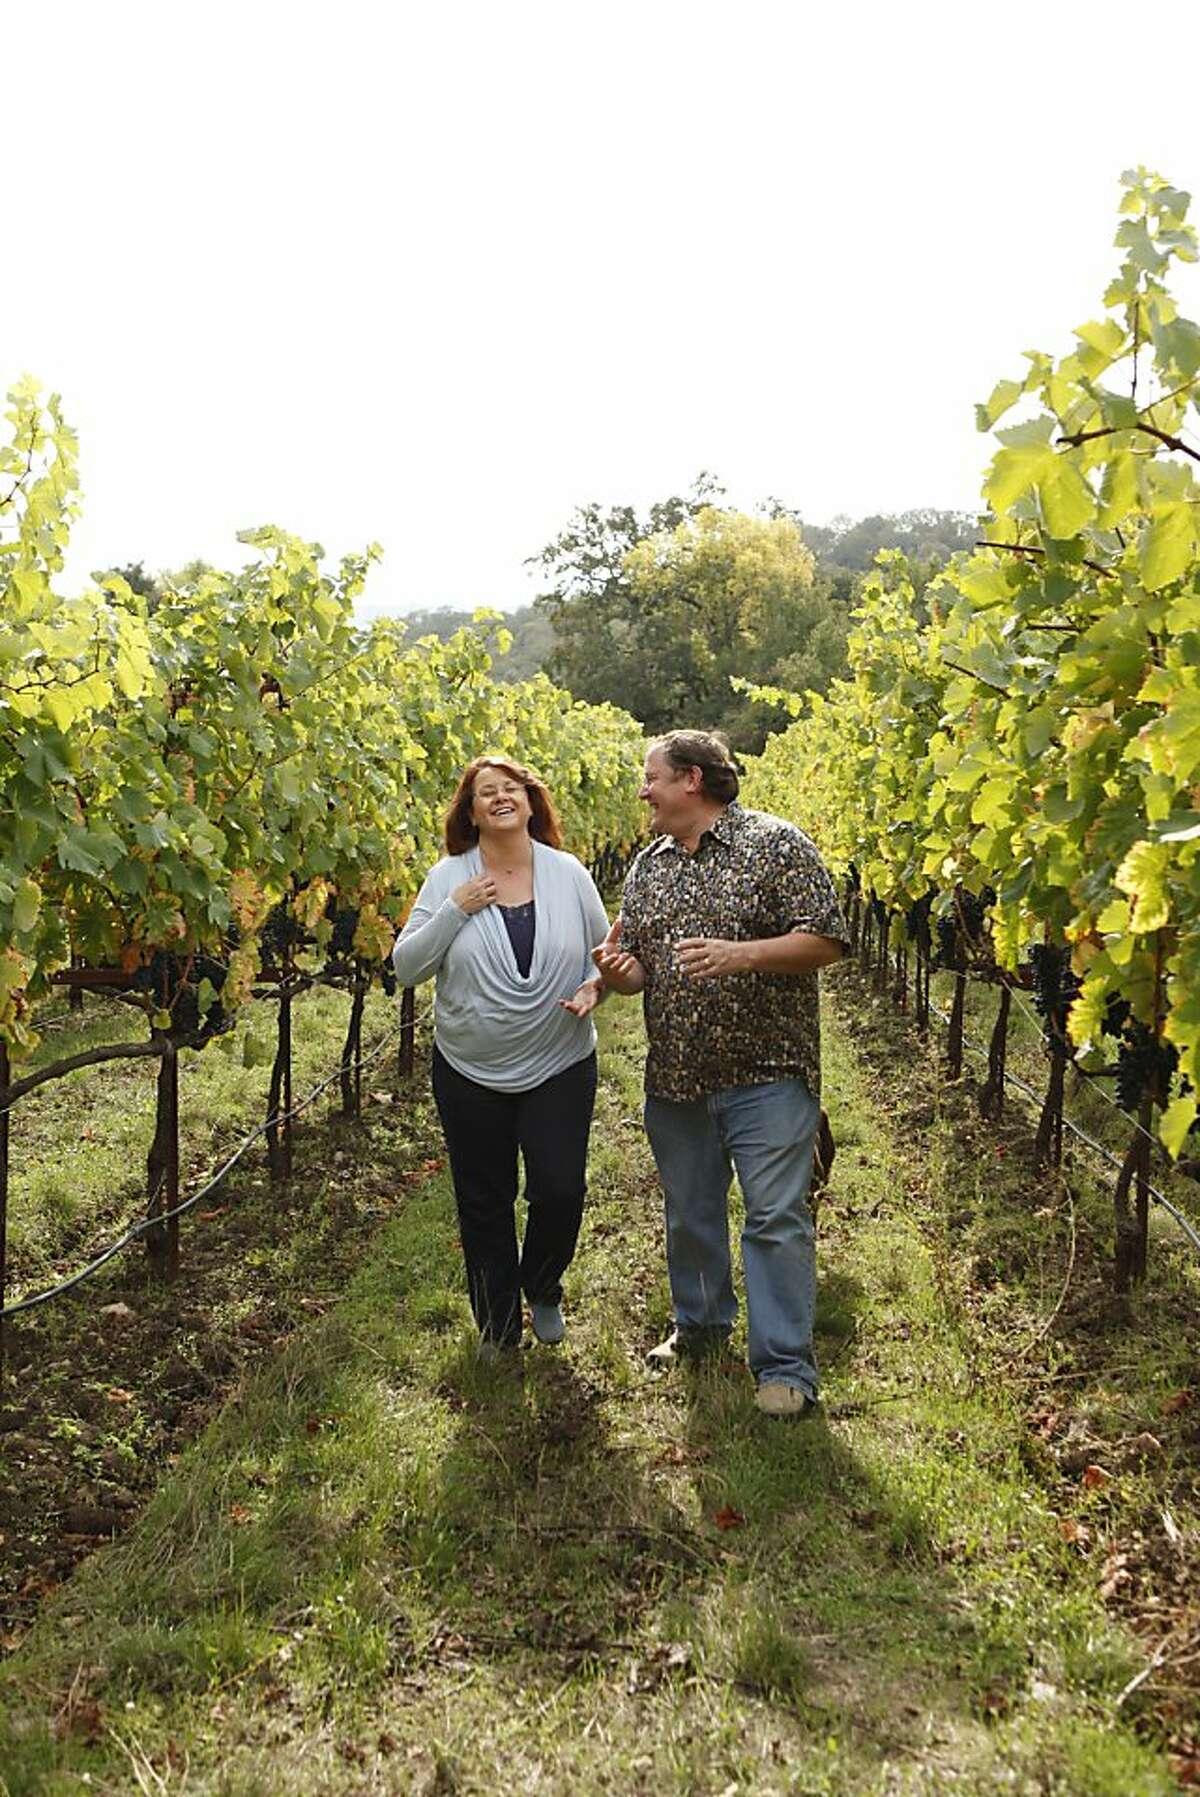 Nancy & John Lasseter walking in their Justi Creek Vineyards